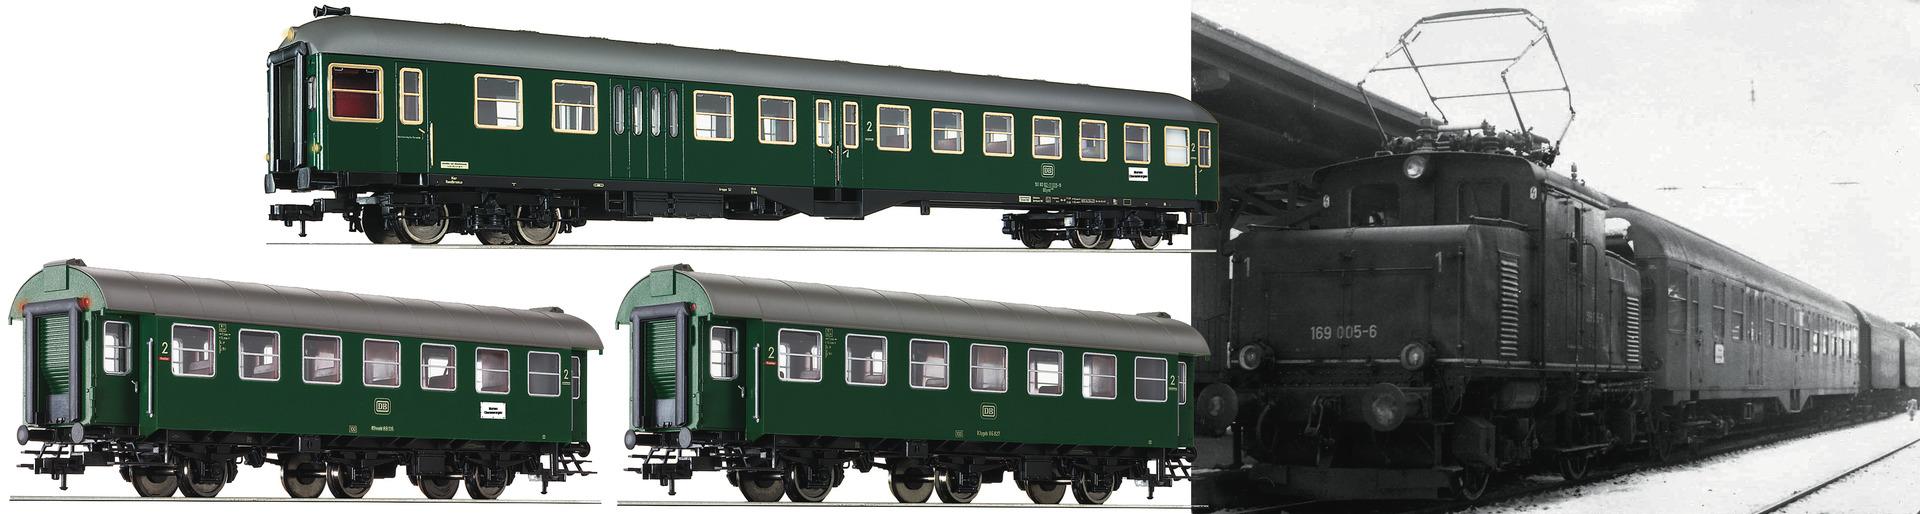 FLM566484 DB coach 3 car set